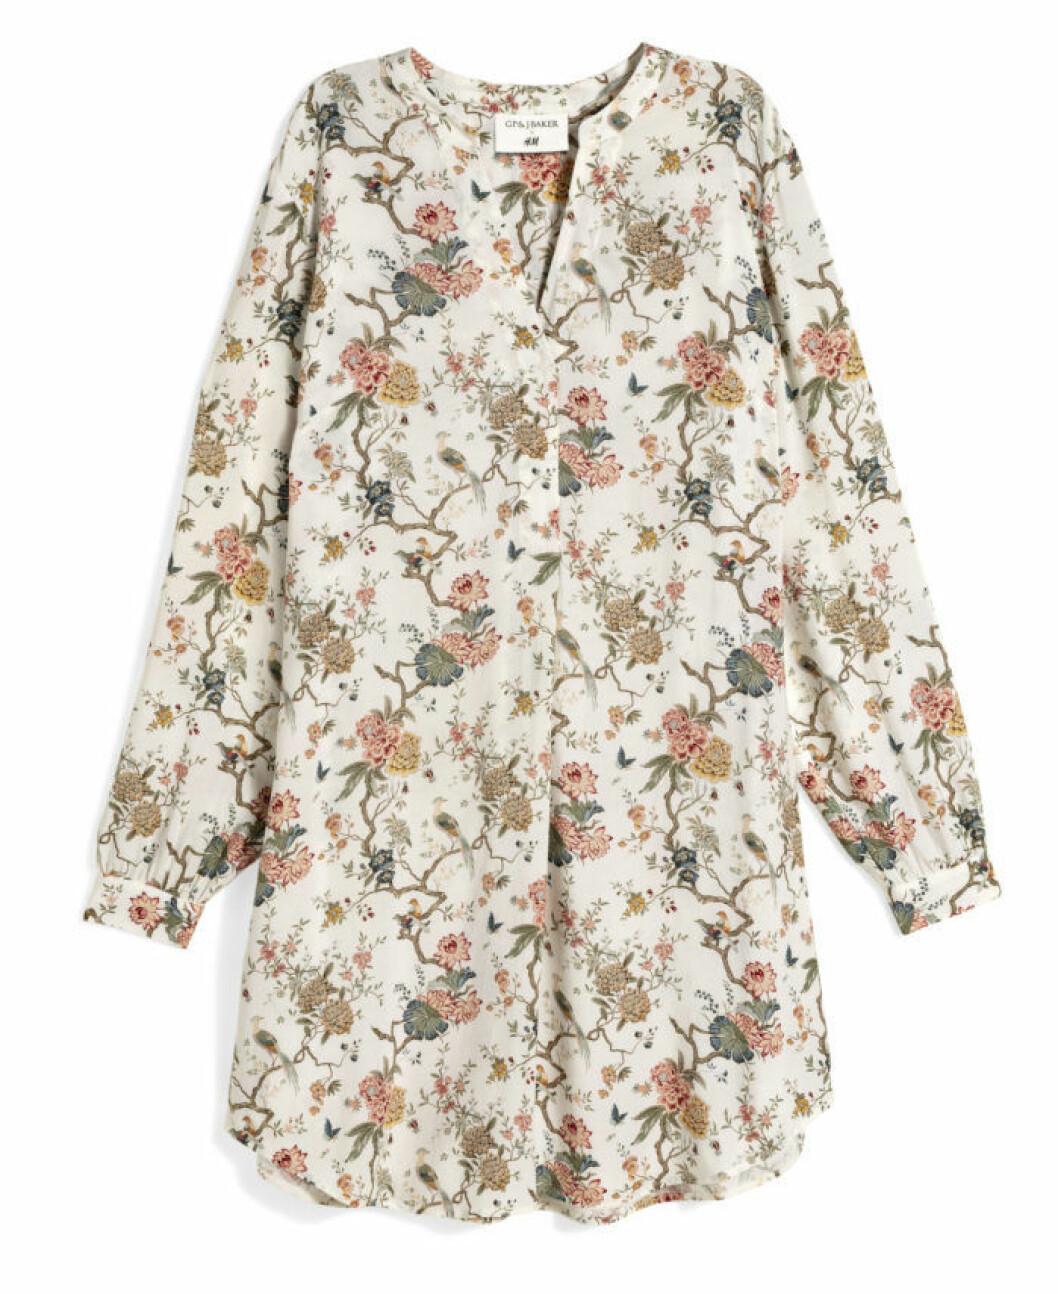 H&M GP & J Baker blomönstrad skjortklänning